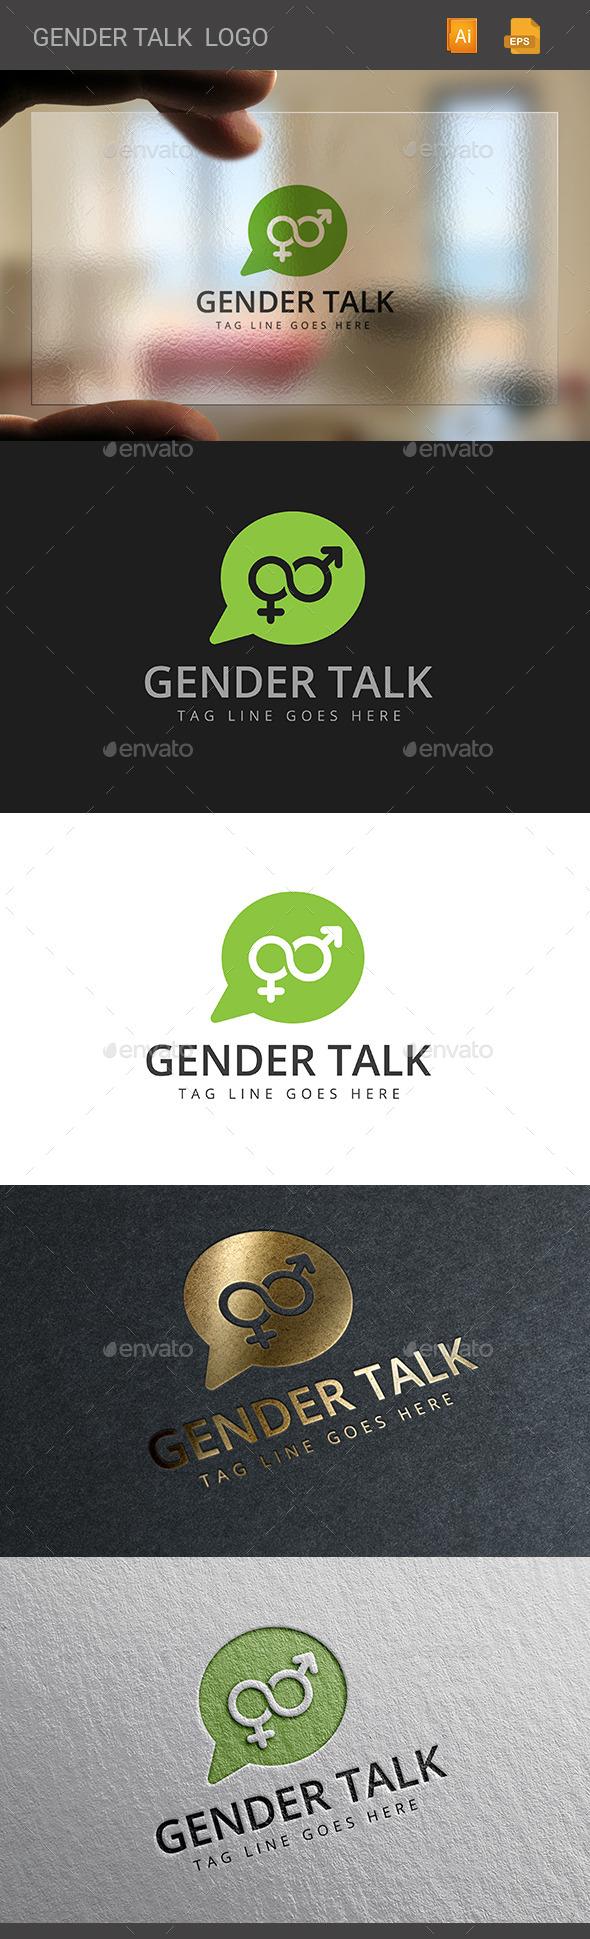 Gender Talk Logo